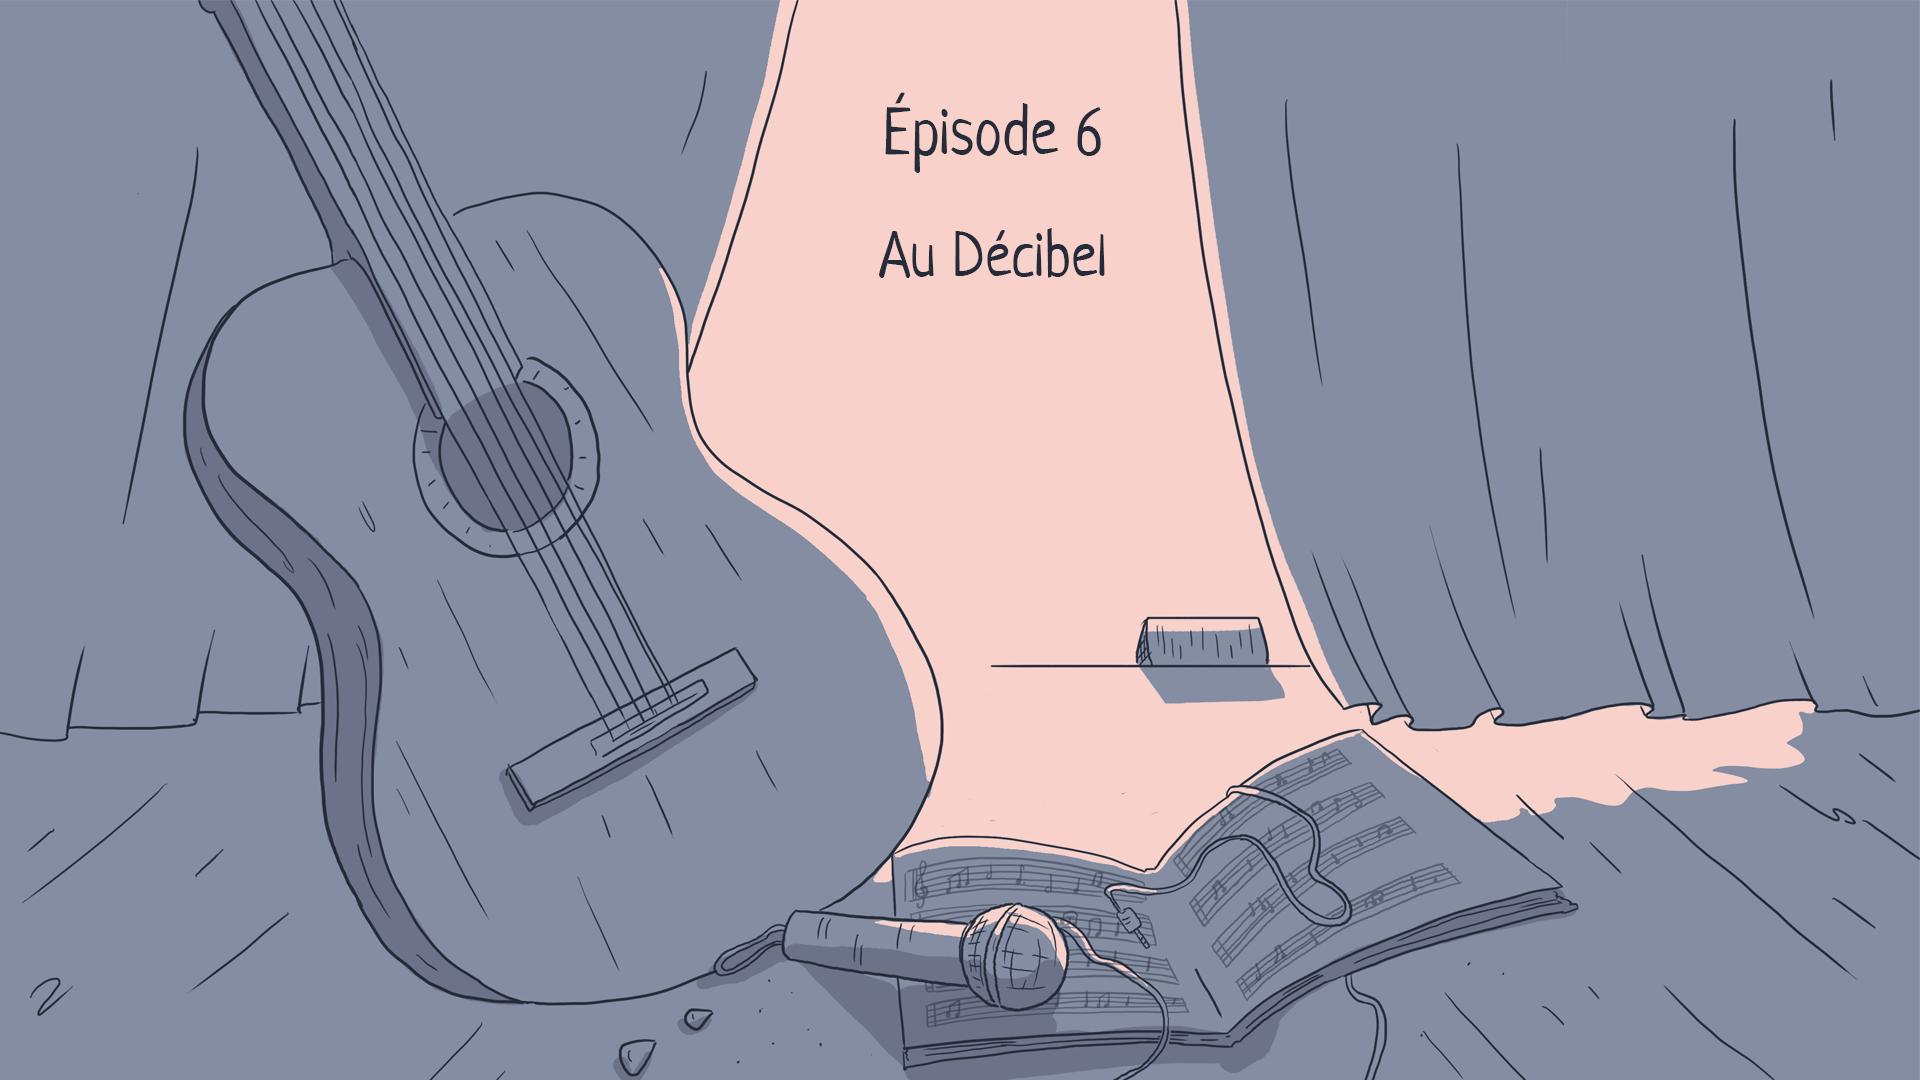 """الحلقة 6 من 13: """"في مقهى الديسيبل"""""""